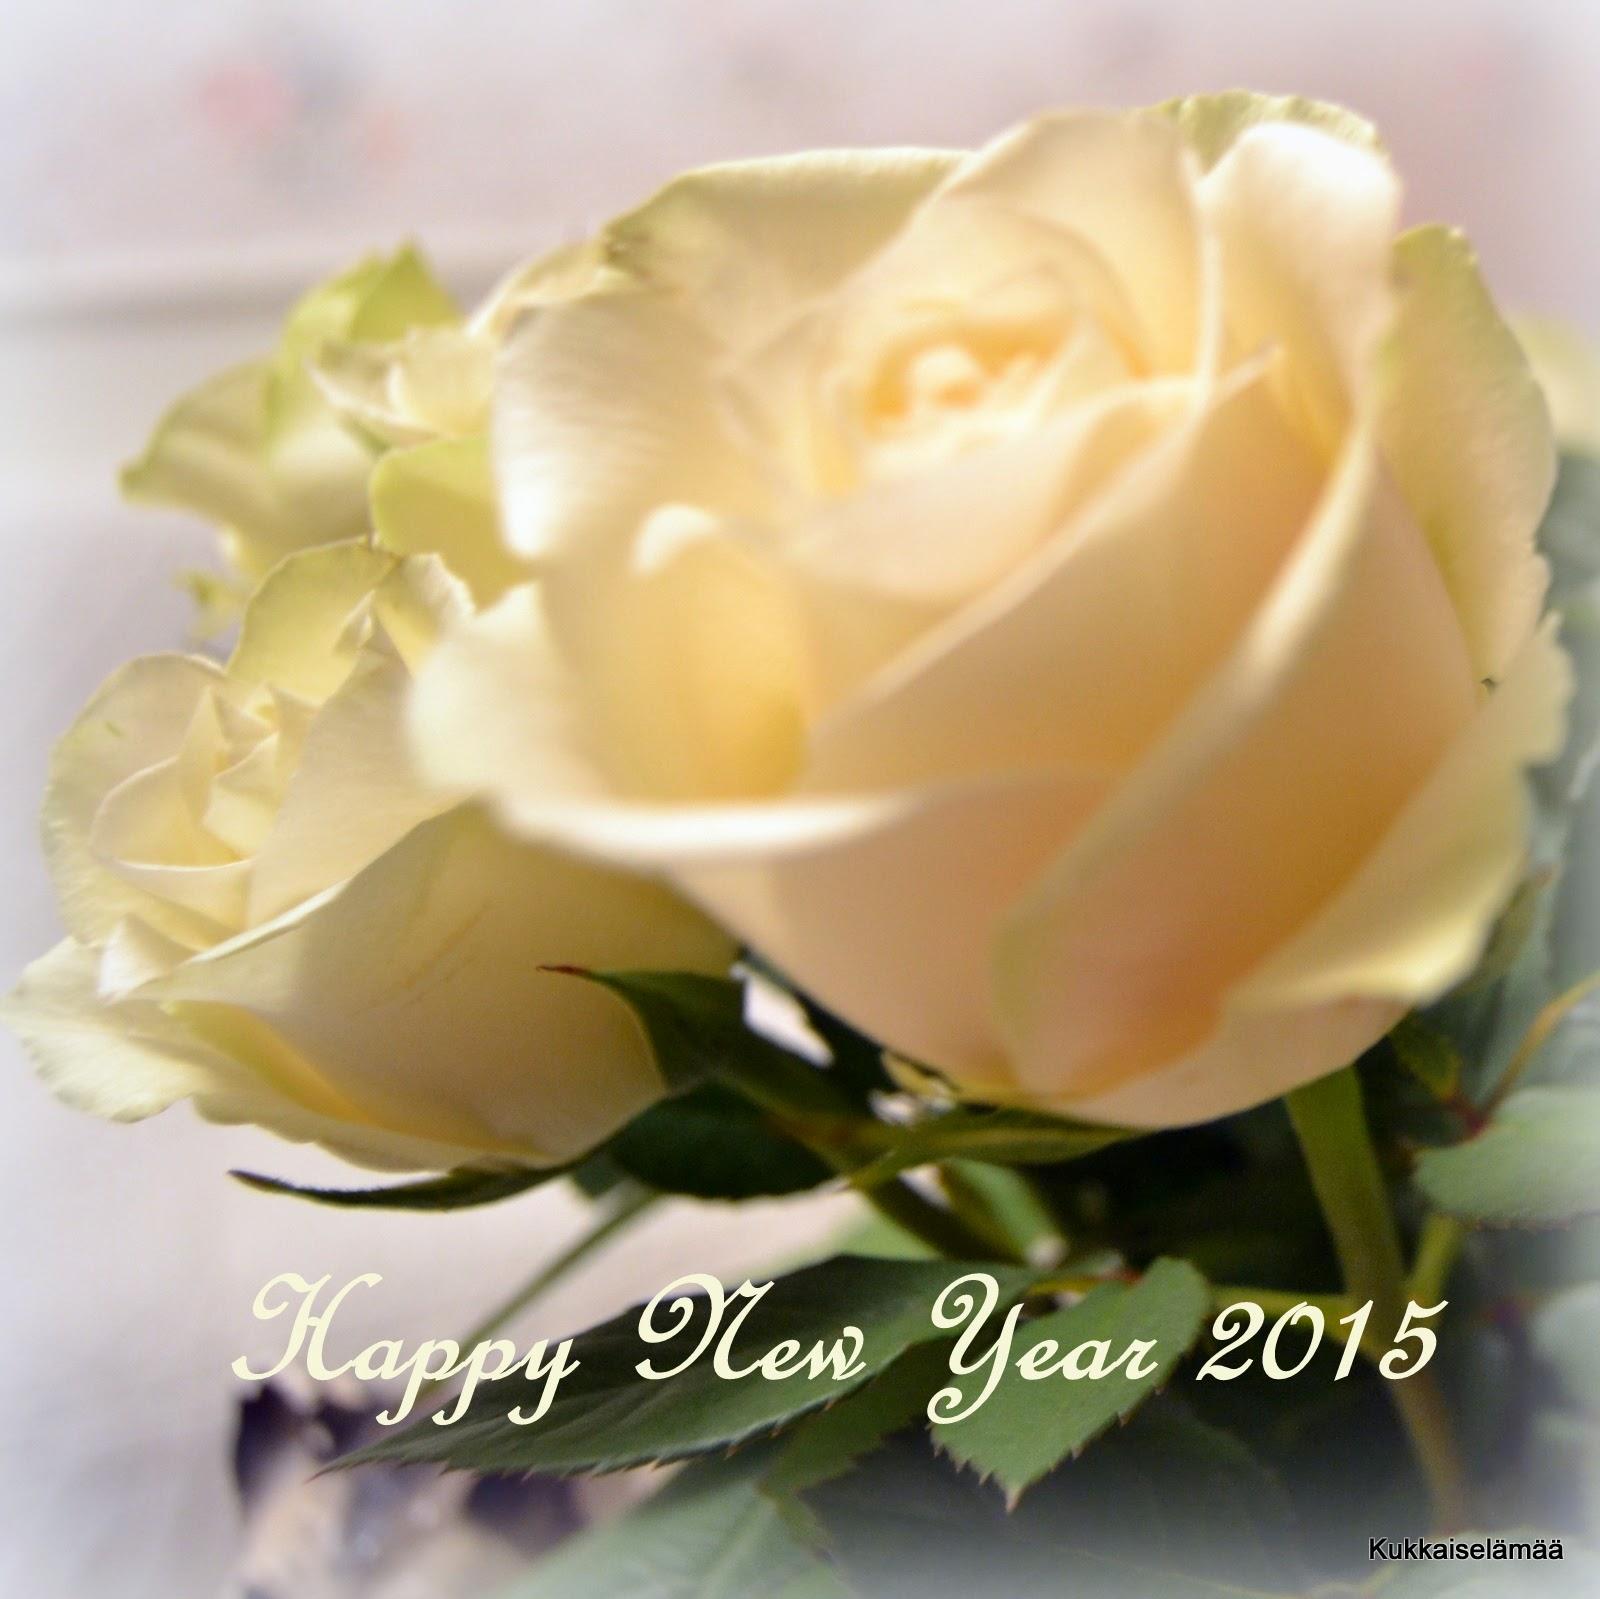 Onnellista Uutta Vuotta 2015! – Happy New Year 2015!